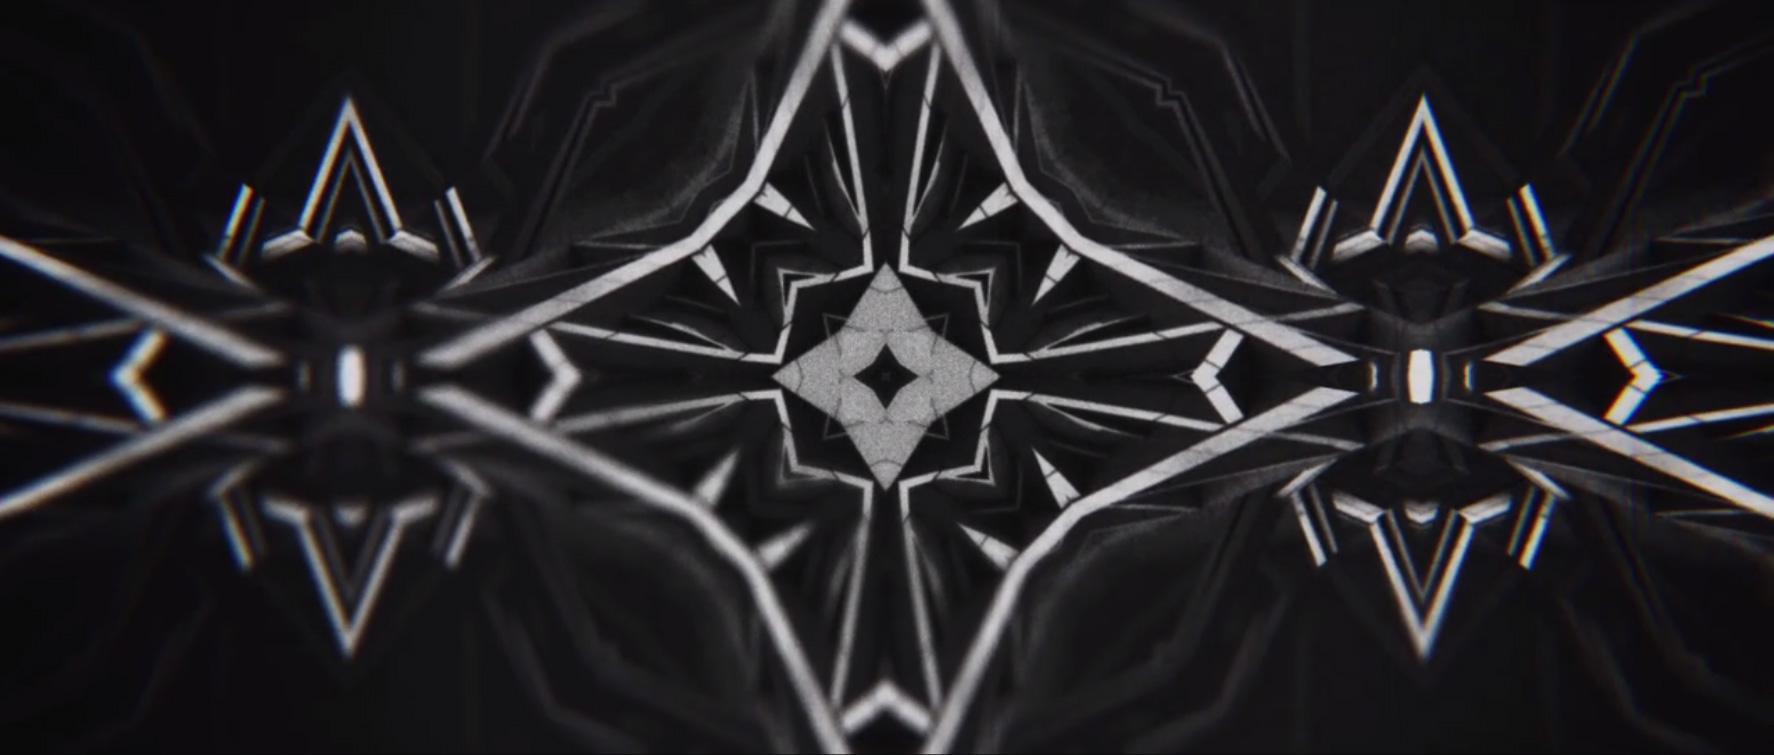 Construct (Titles) / Oxyde Noir (1)